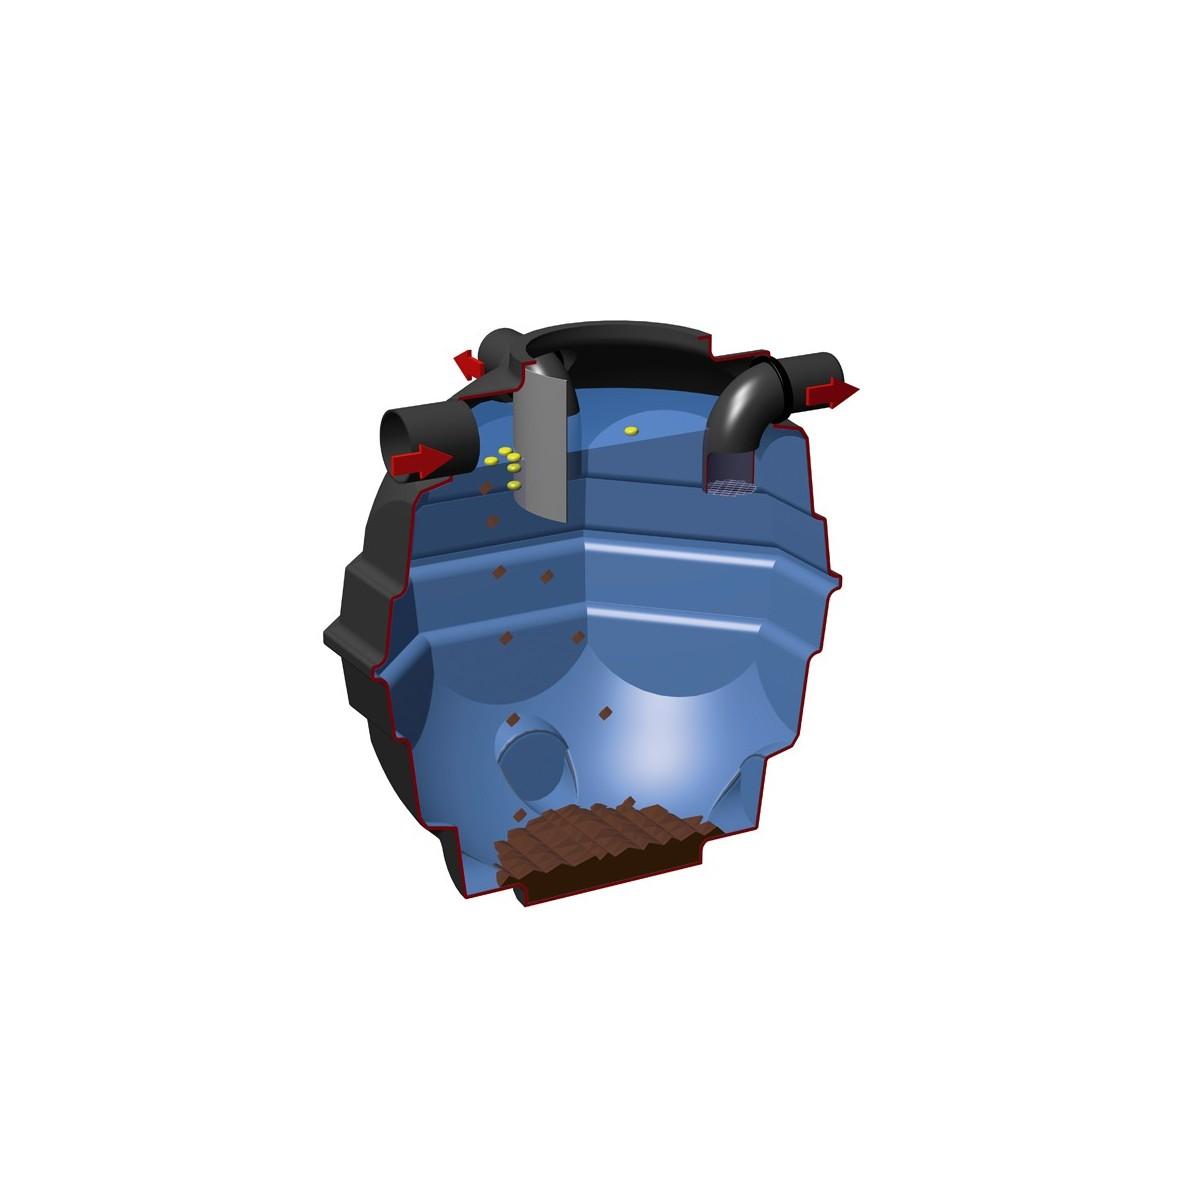 Filtr ziemny Maximus 1500, 1x odpływ DN200